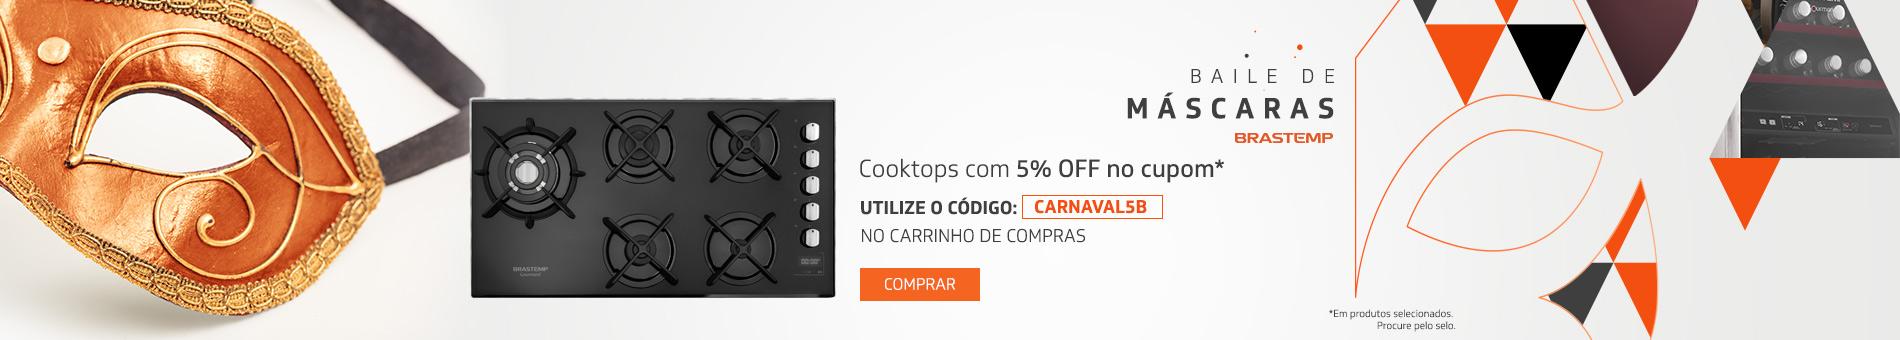 Promoção Interna - 1471 - baile2_cooktop-5cupom_27022017_home3 - cooktop-5cupom - 3